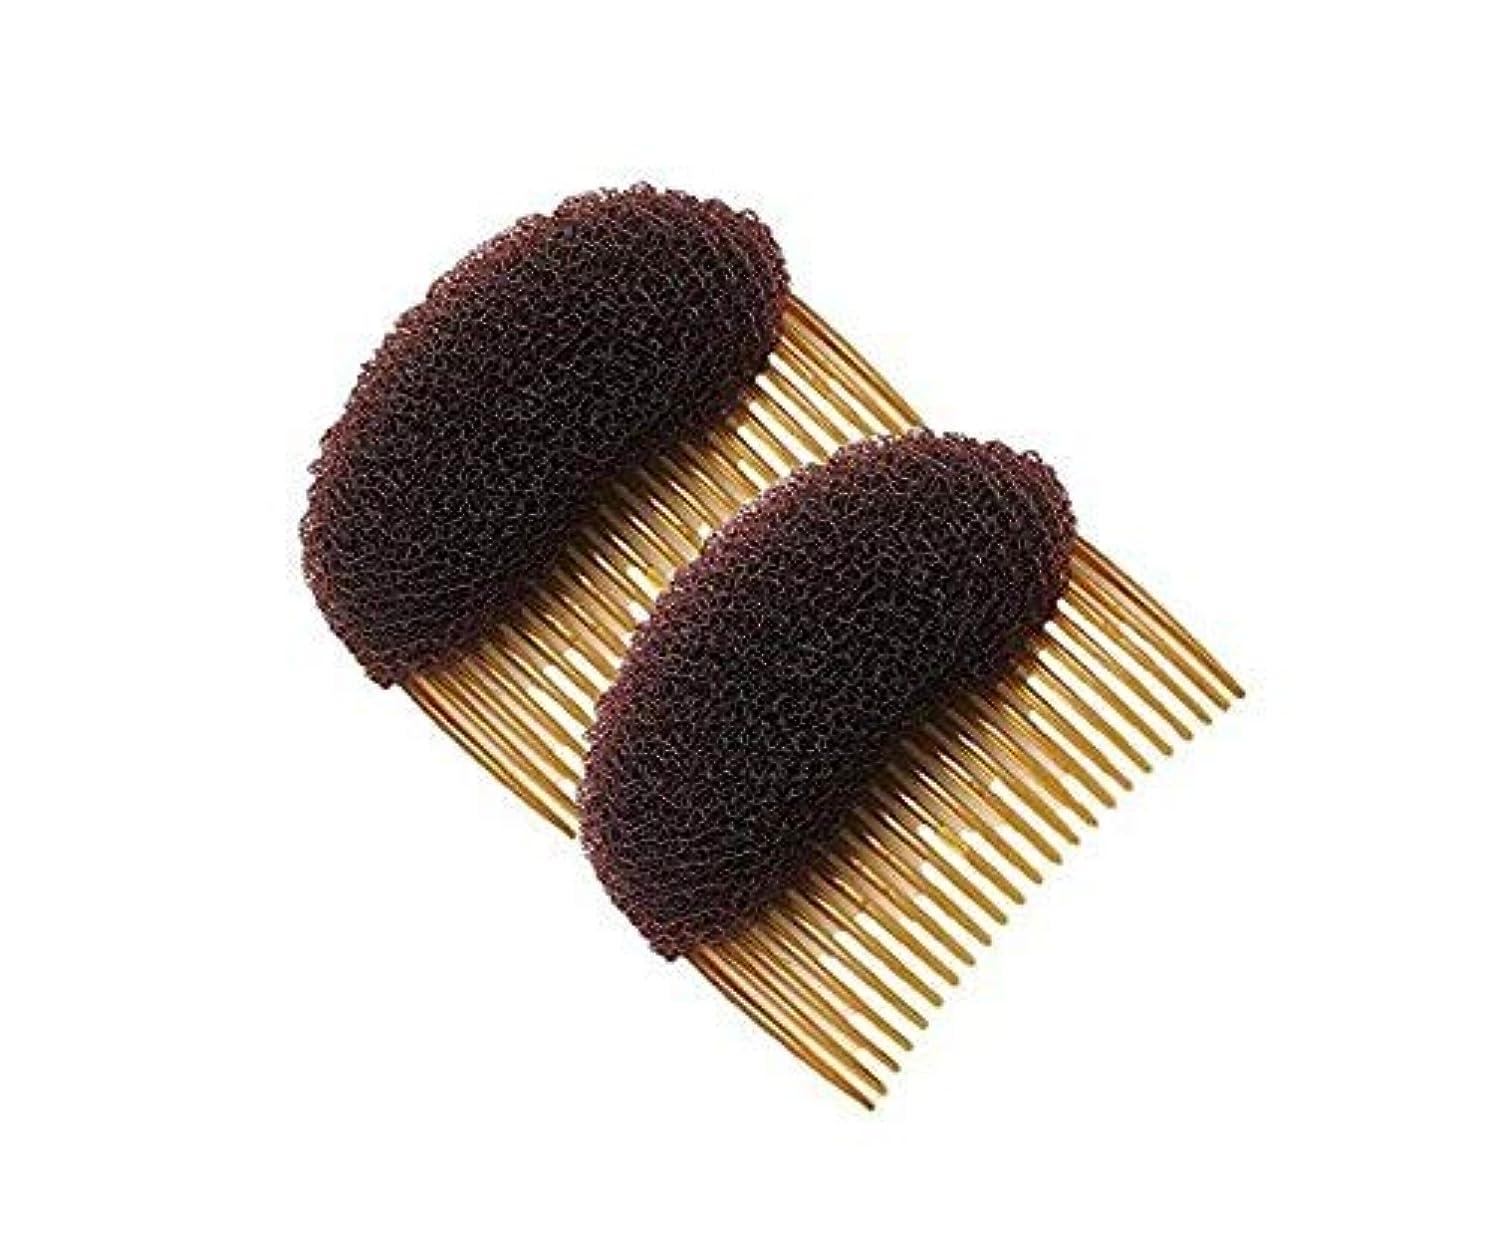 エスカレーターピラミッド著名な2PCS 23 Teeth Hair Fringe Volume Bump Up Inserts Tools-Hair Pin Hair Styling Clip Hair Charming Insert Do Beehive...